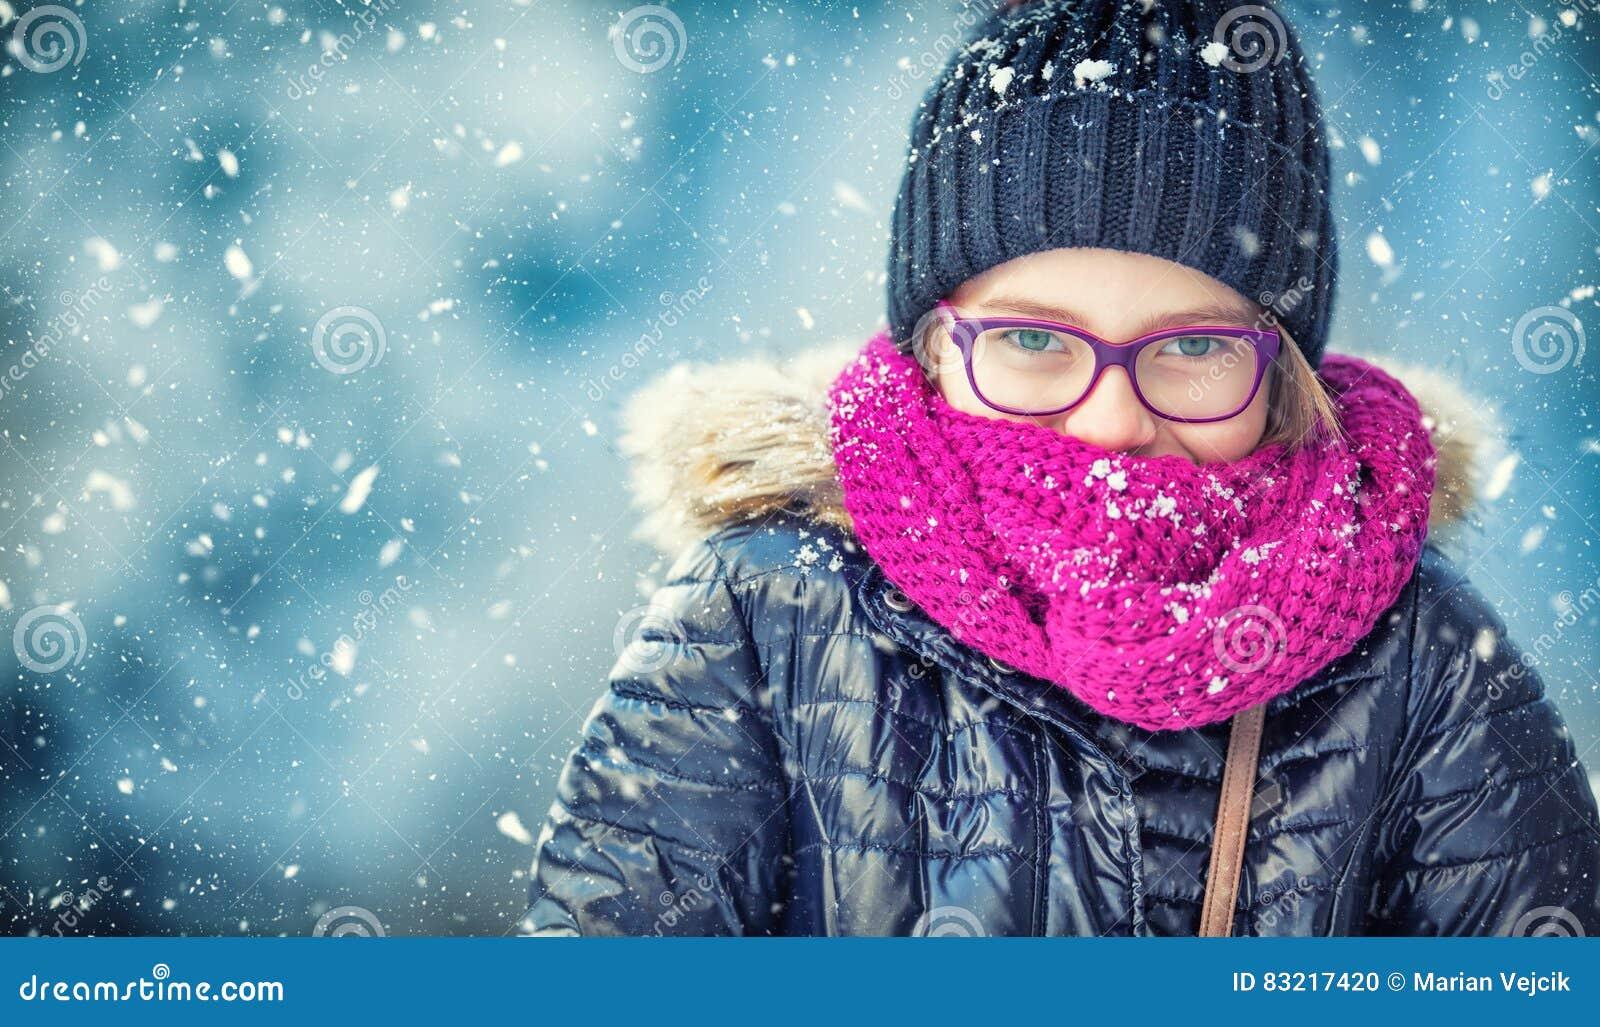 Schönheits-Winter-Mädchen-Schlagschnee im eisigen Winterpark oder draußen Mädchen und Winterkühles wetter